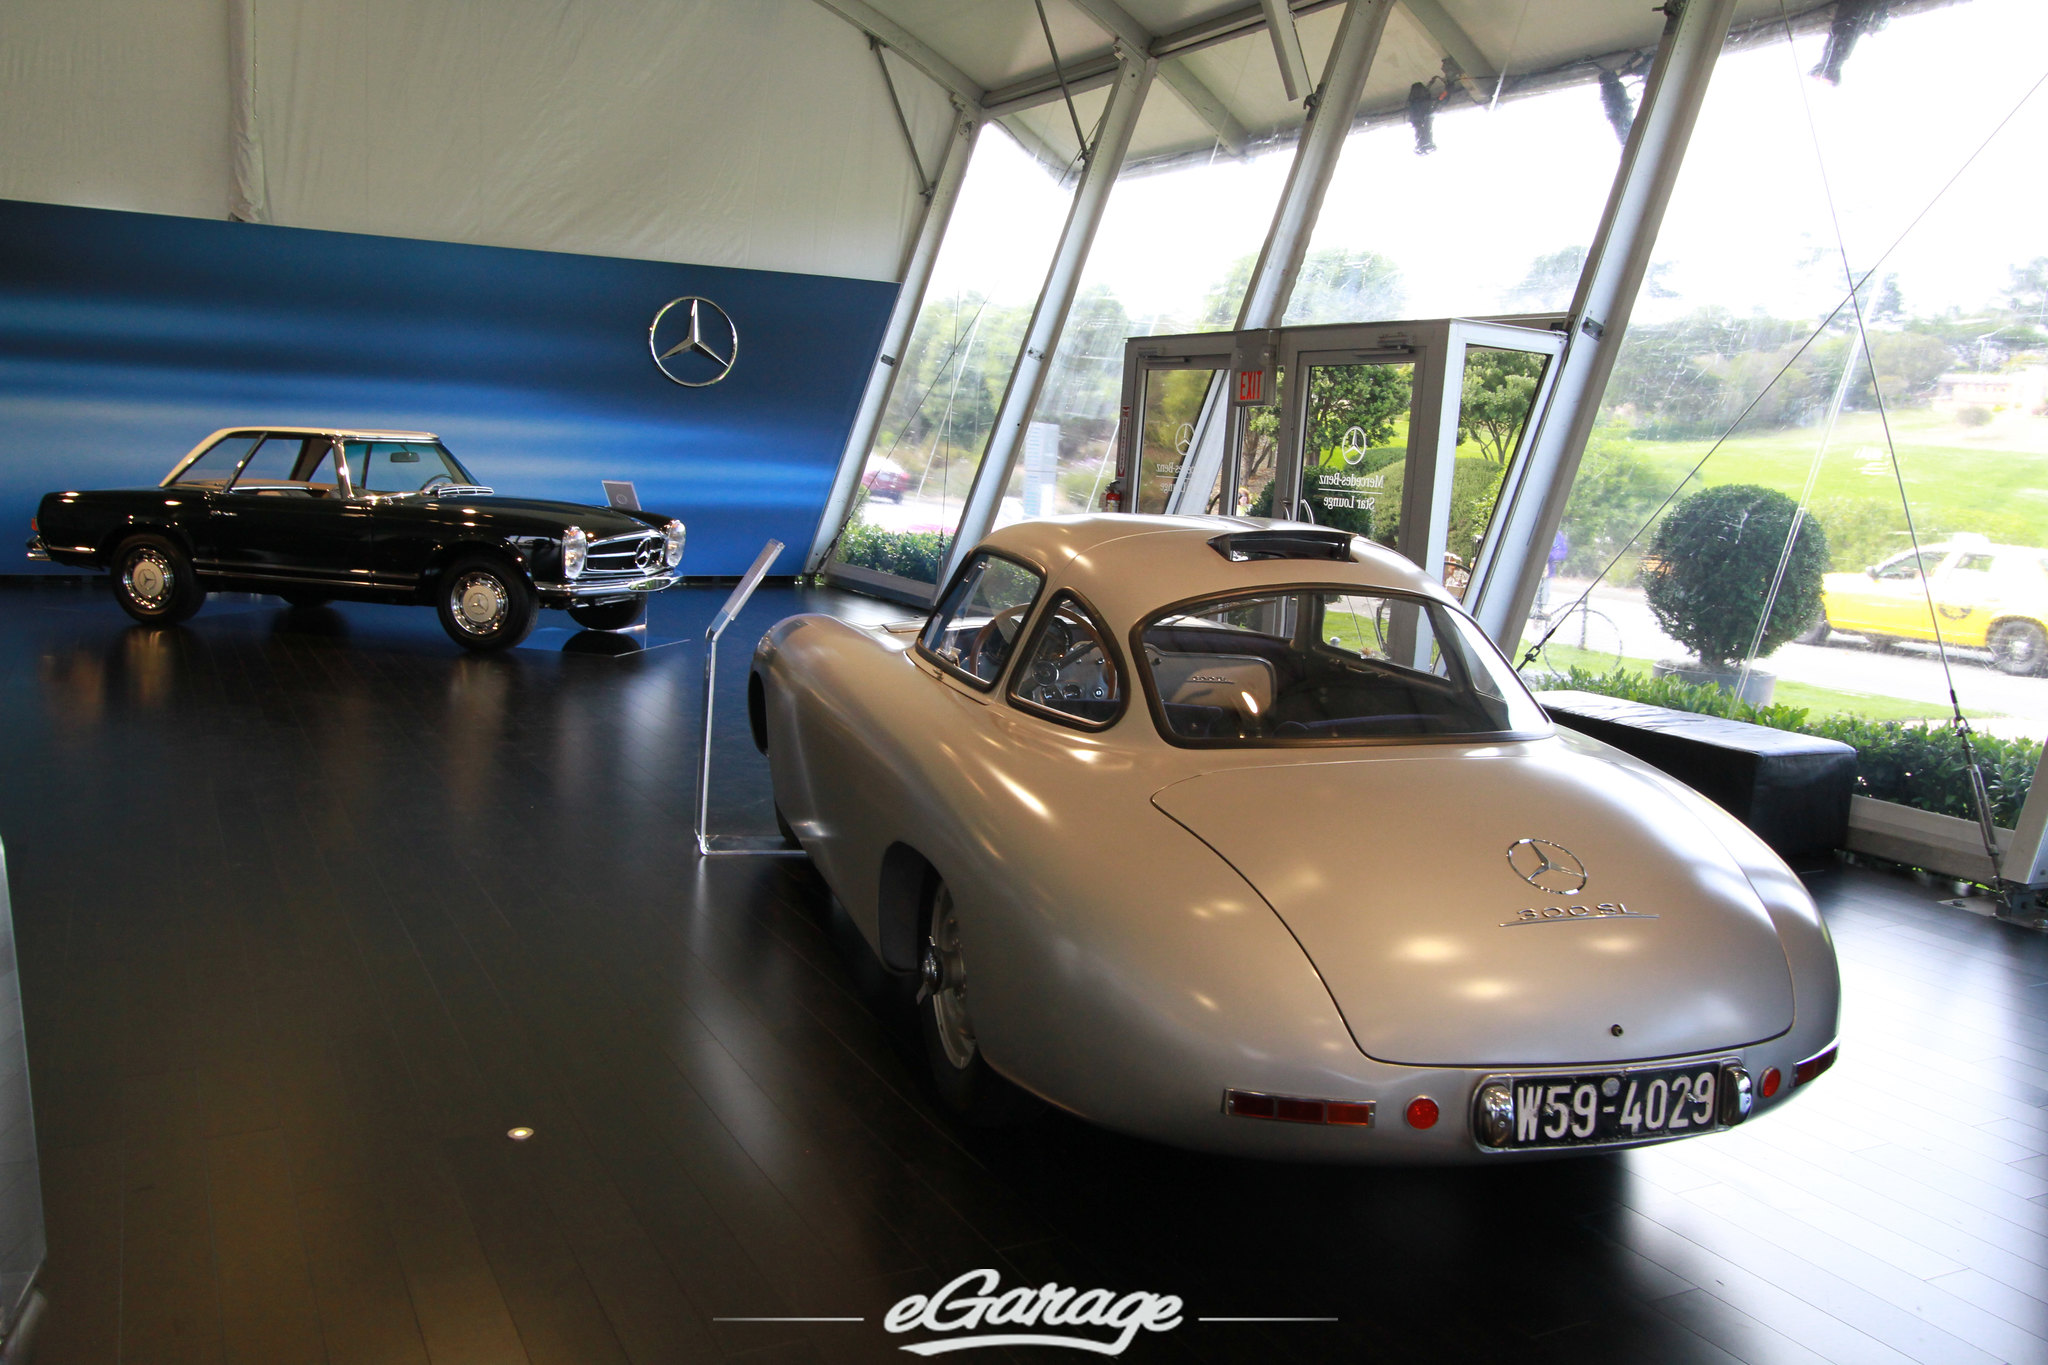 7828978678 980c82ee36 k Mercedes Benz Classic